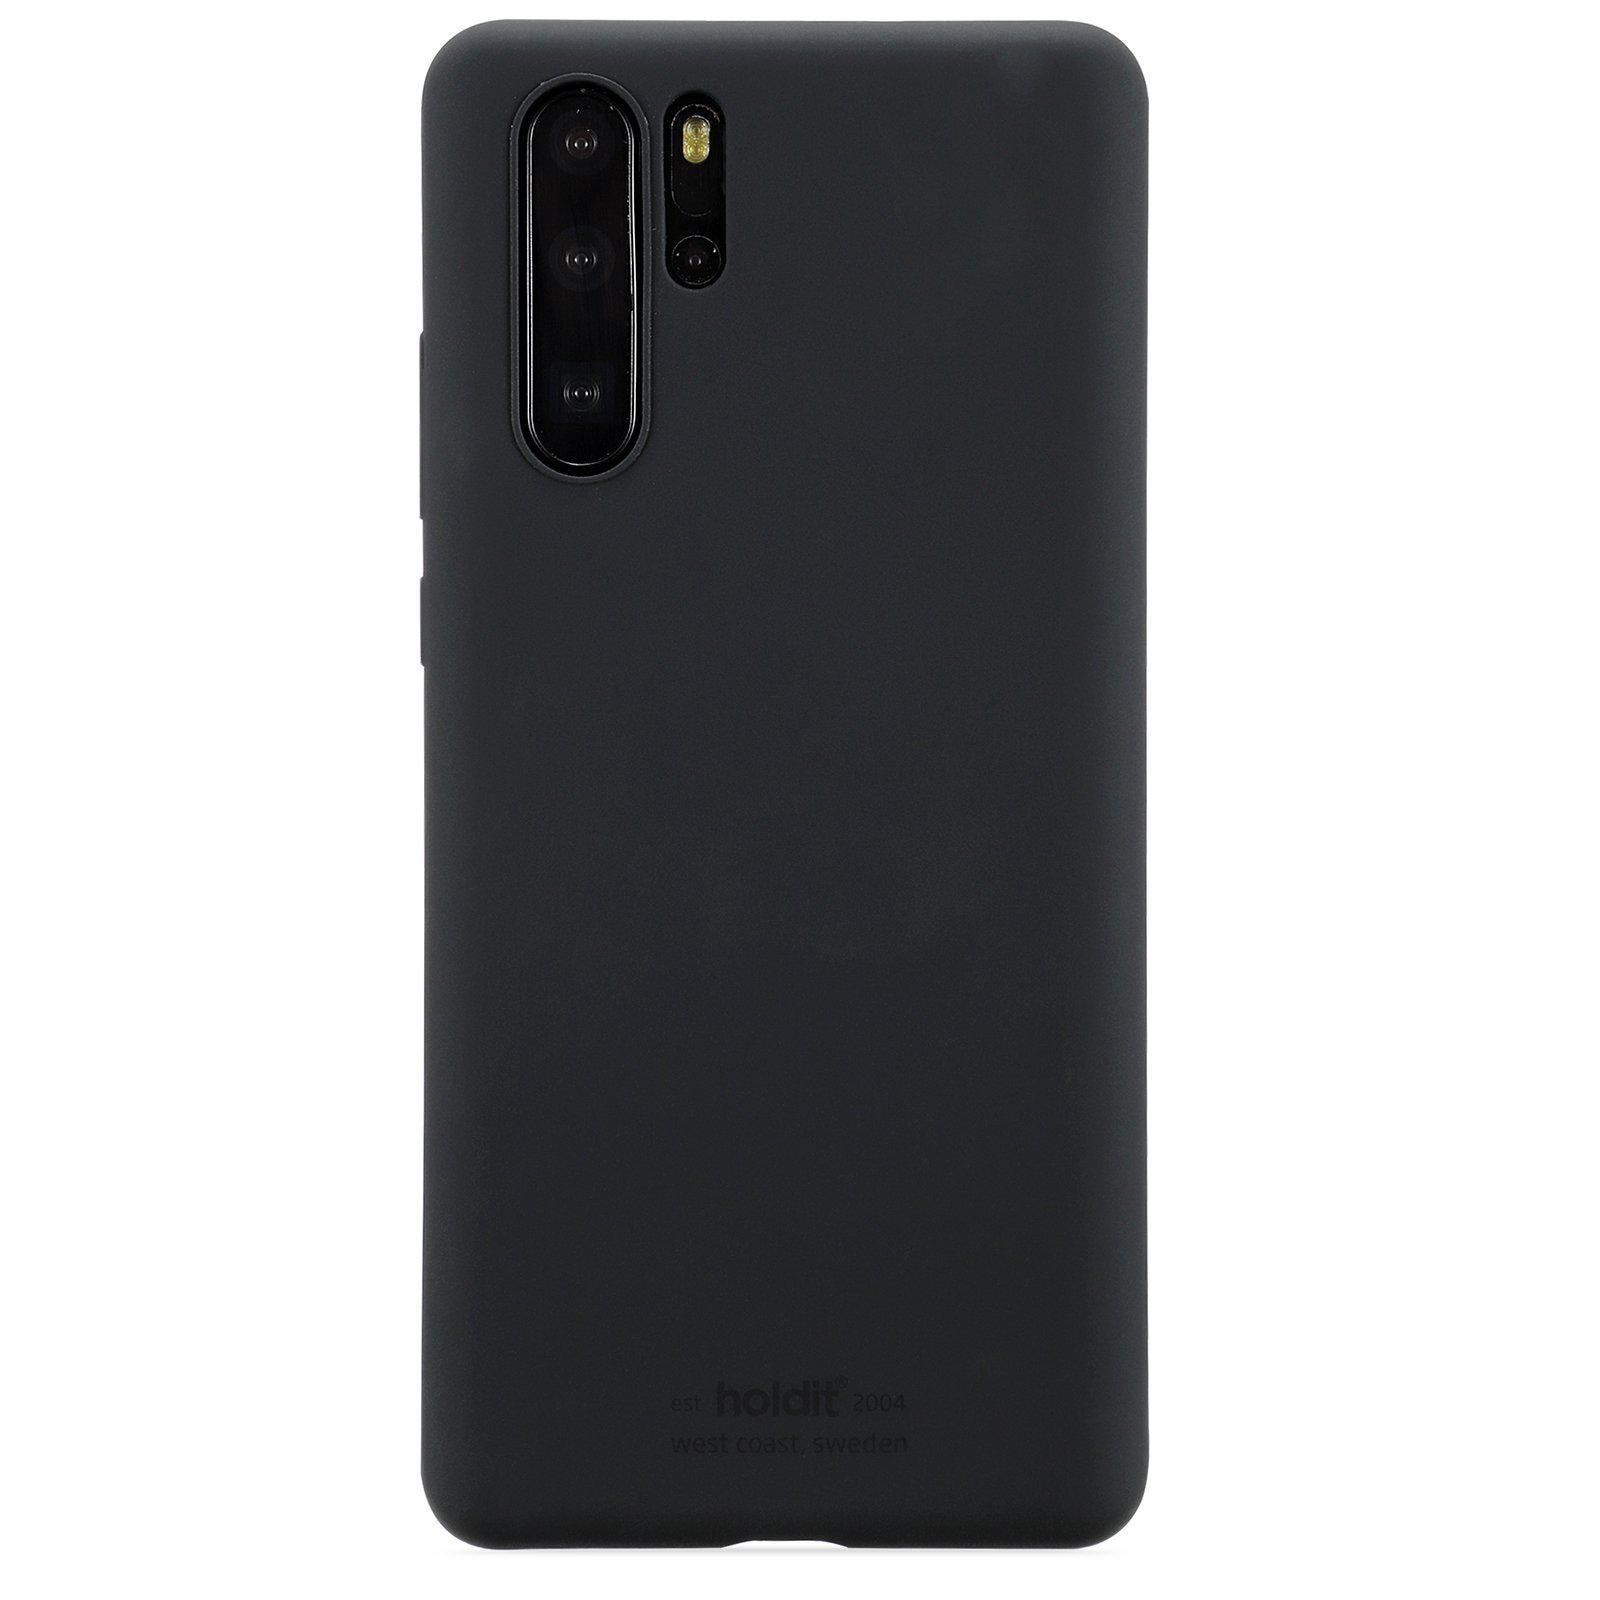 Silikonskal Huawei P30 Pro Black